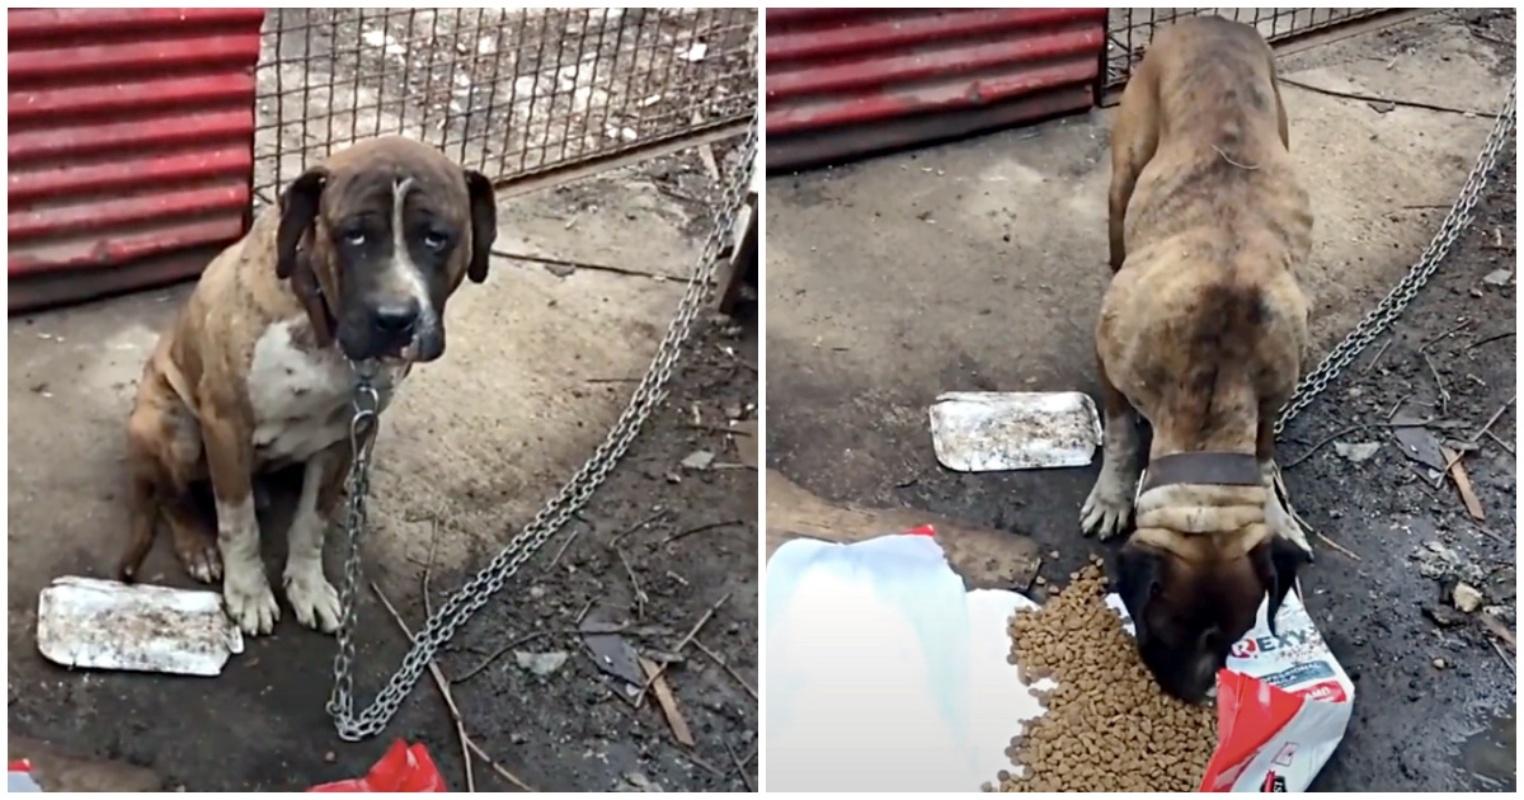 Cane legato salvato dai volontari